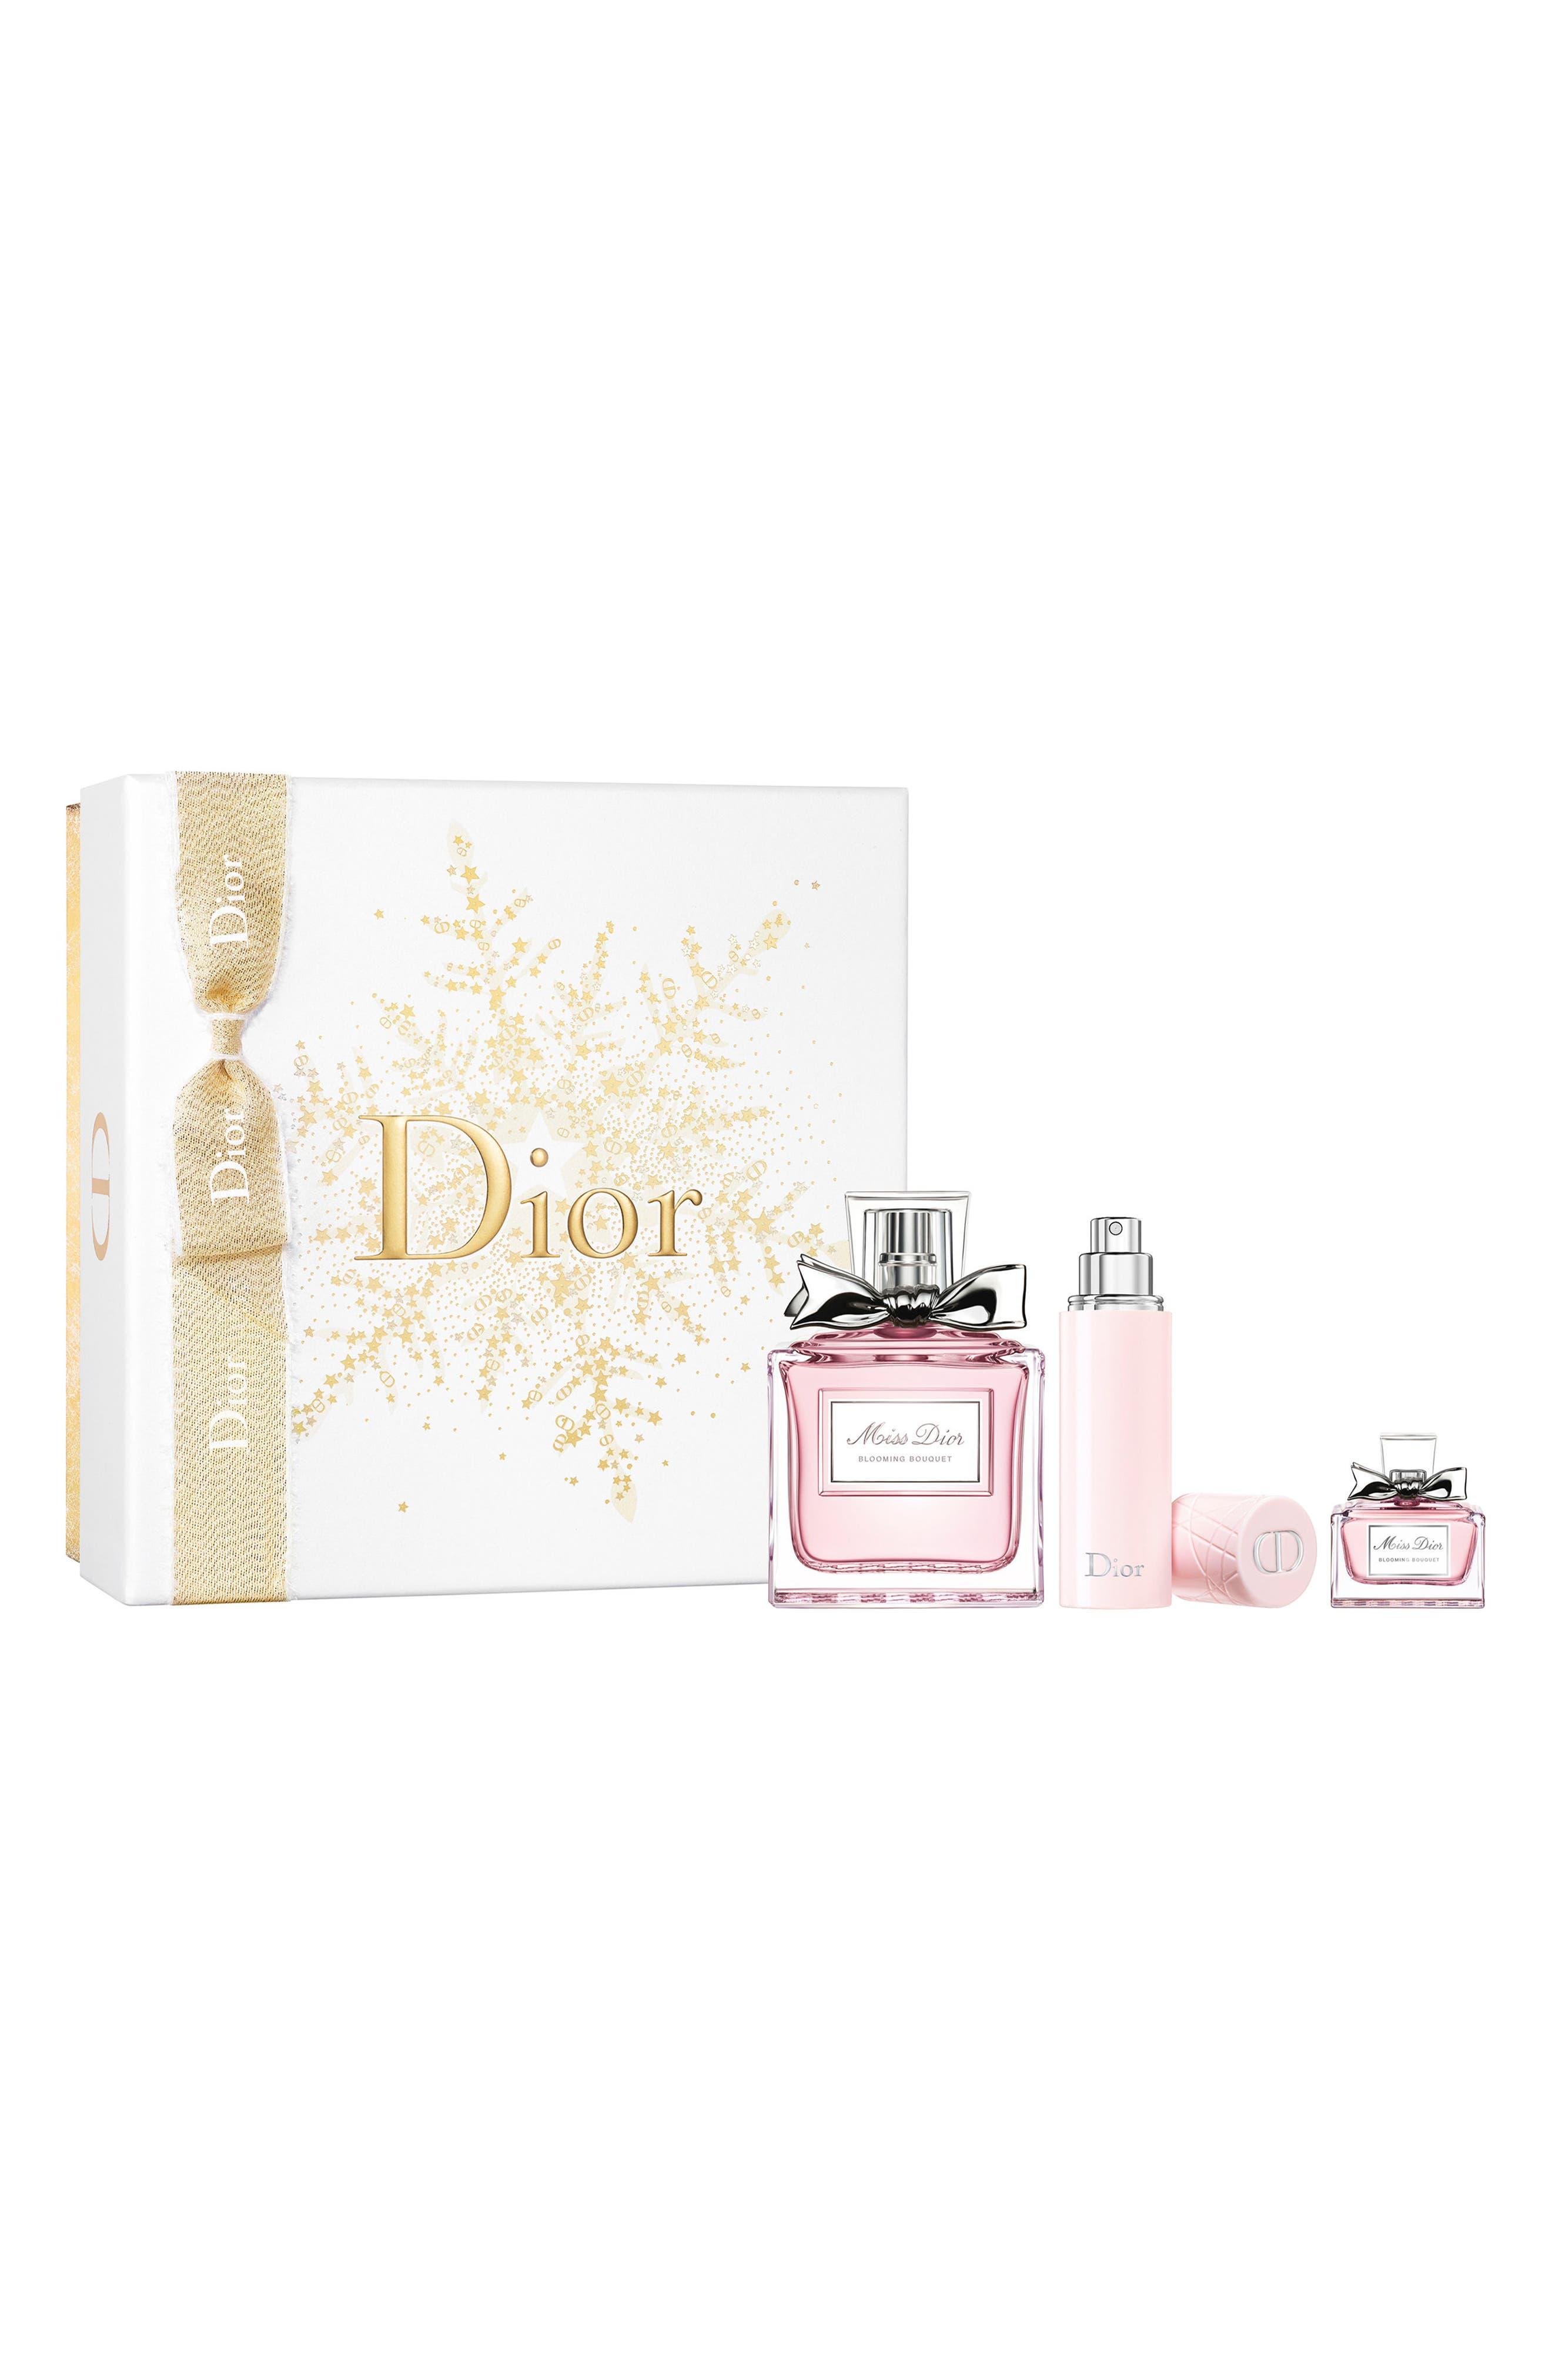 Miss Dior Blooming Bouquet Eau de Toilette Signature Set,                         Main,                         color, 000